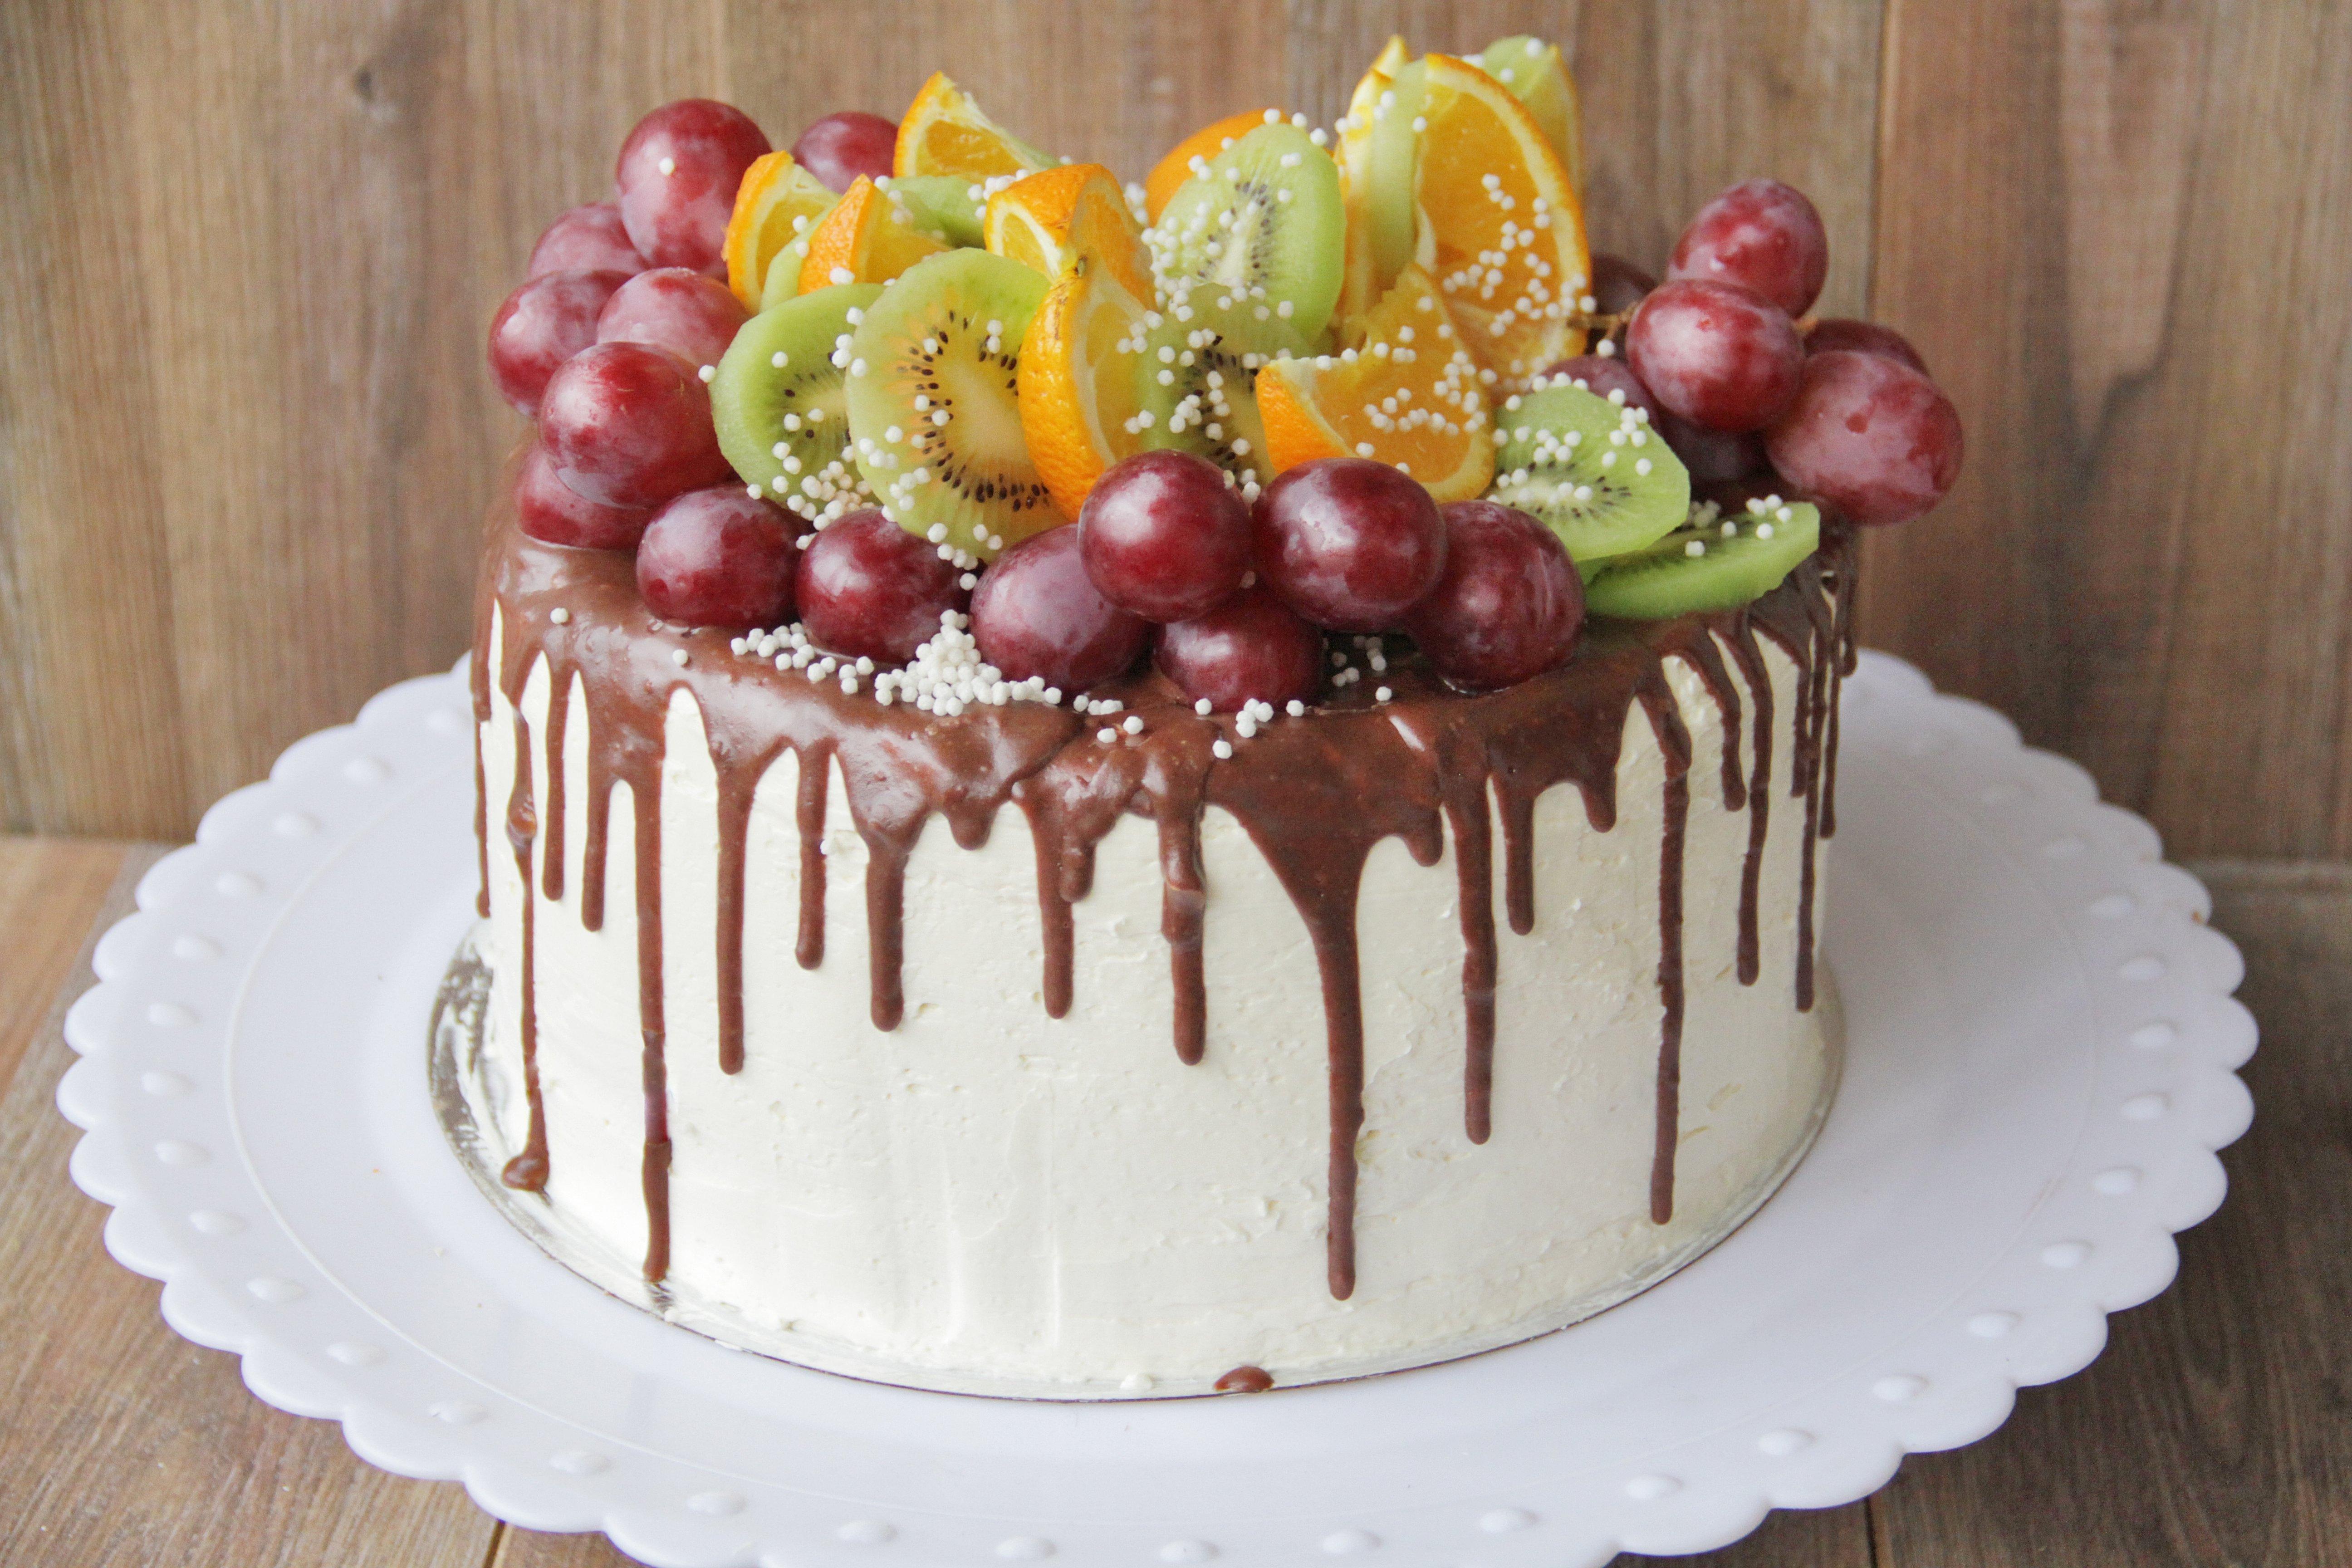 форма сохраняет торты украшенные фруктами фото она